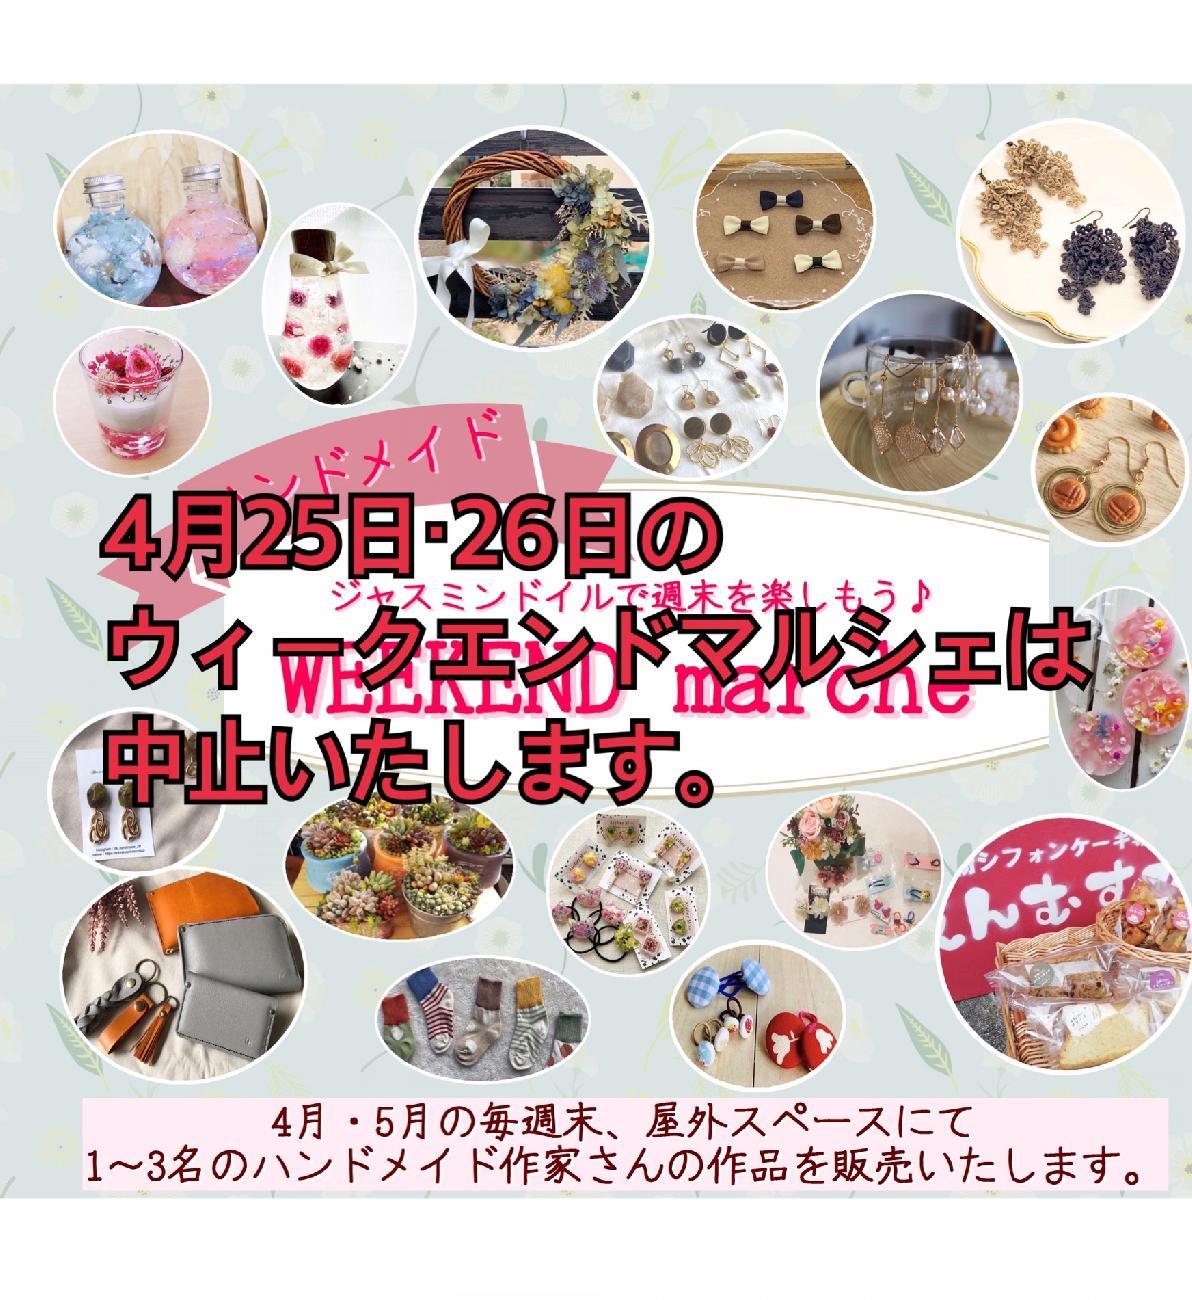 ハンドメイド/イベント中止/ウィークエンドマルシェ